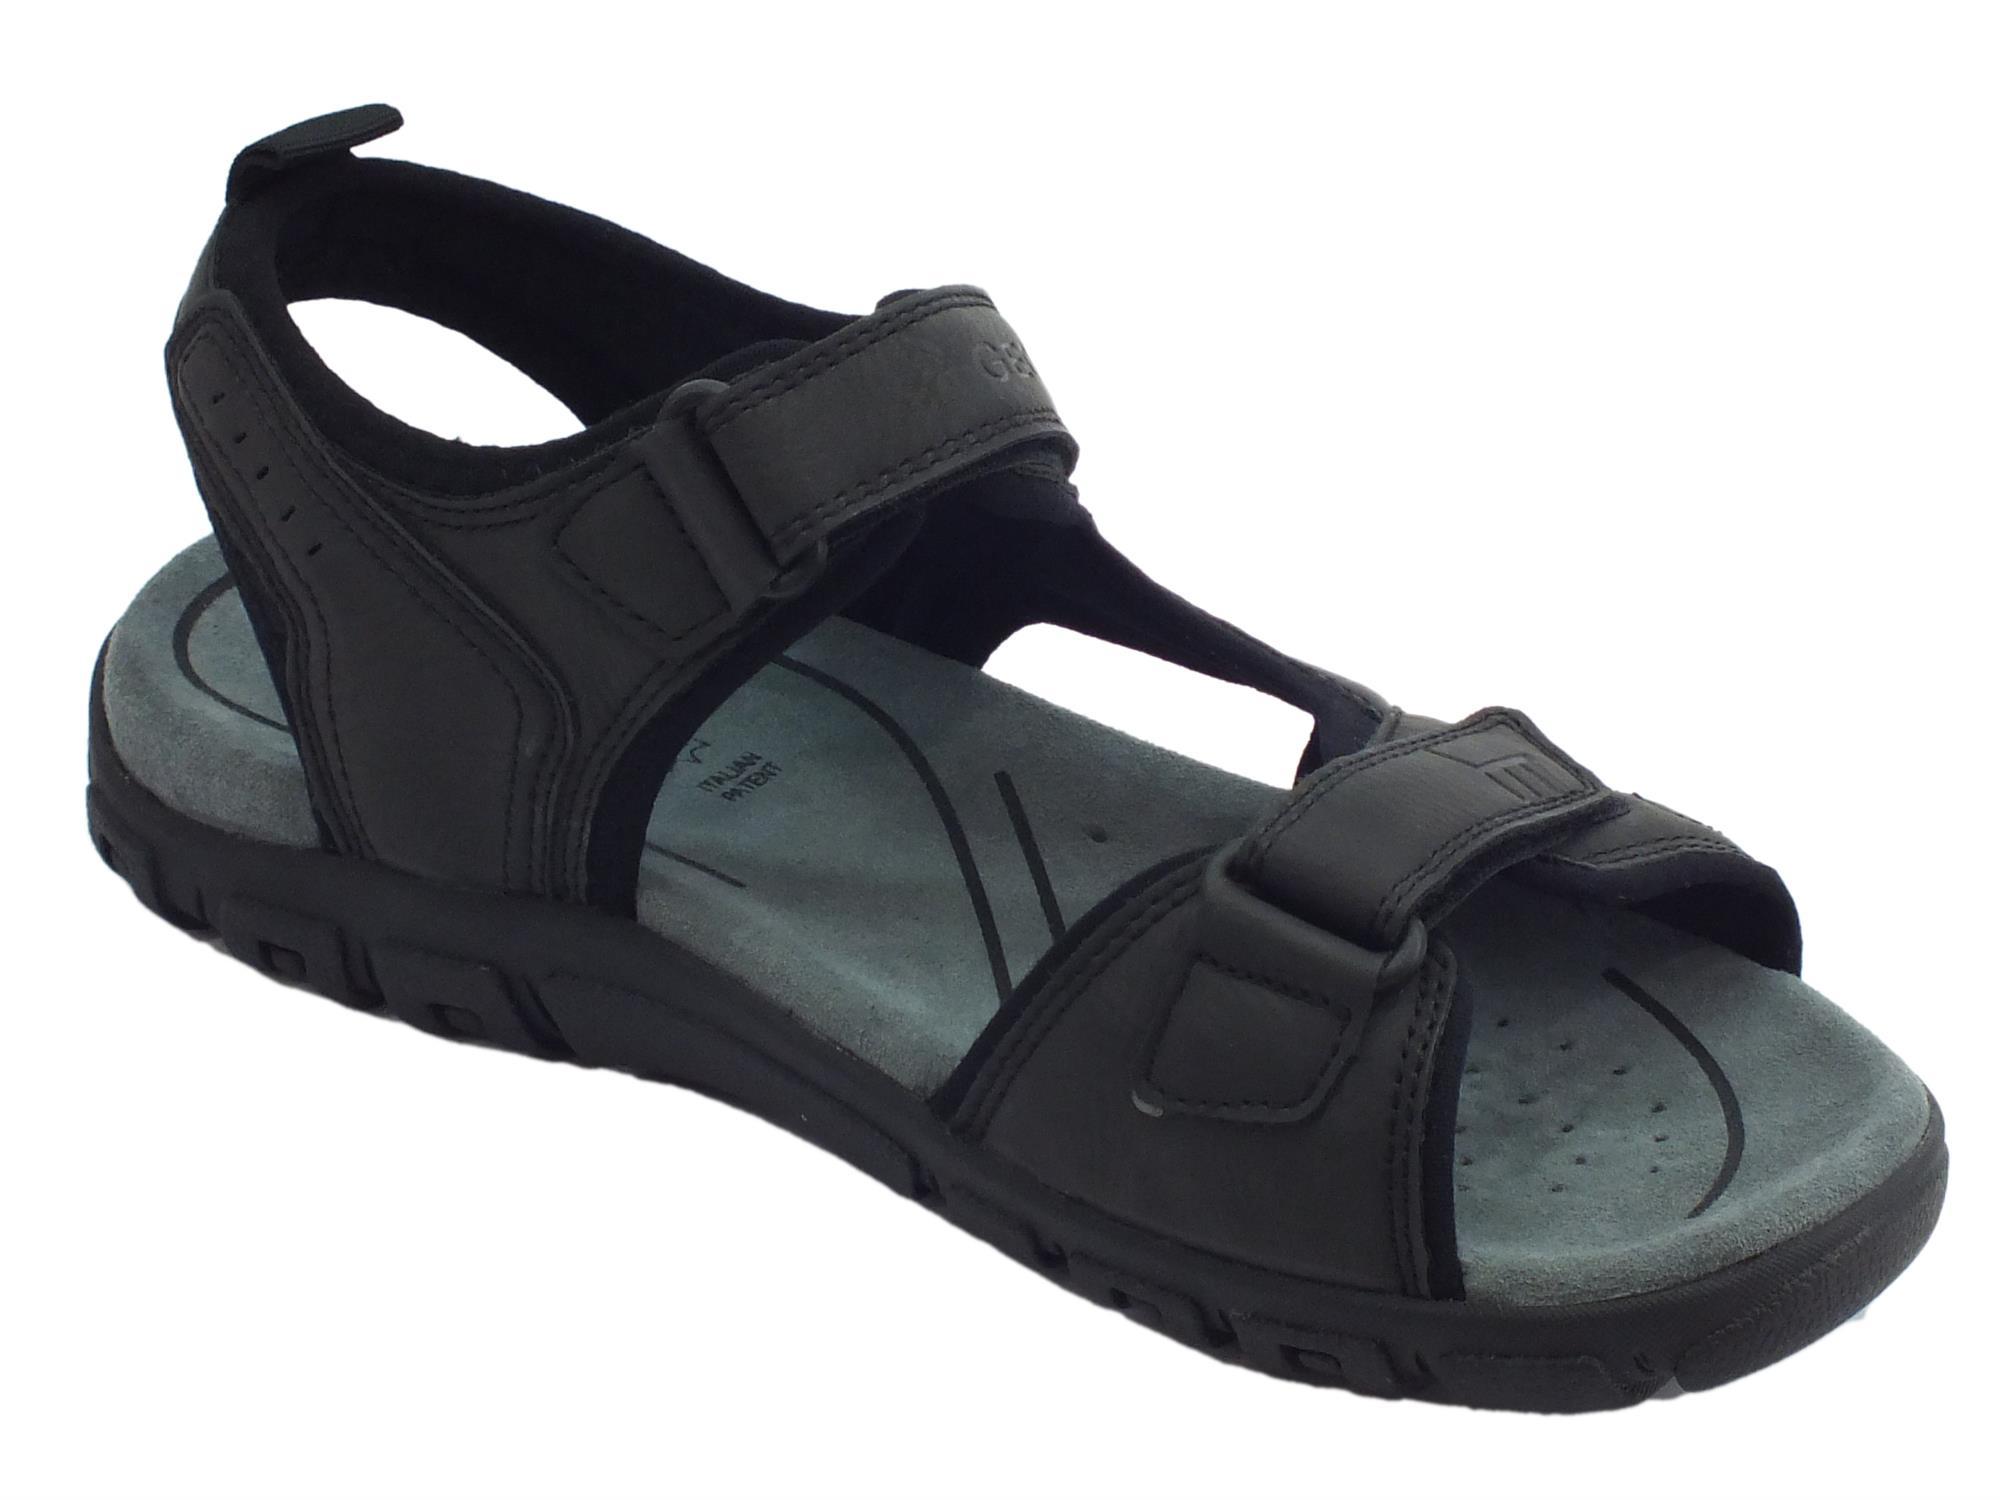 Sandali in ecopelle Geox per uomo colore nero doppia chiusura a strappo -  mainstreetblytheville.org 79ba7421f25